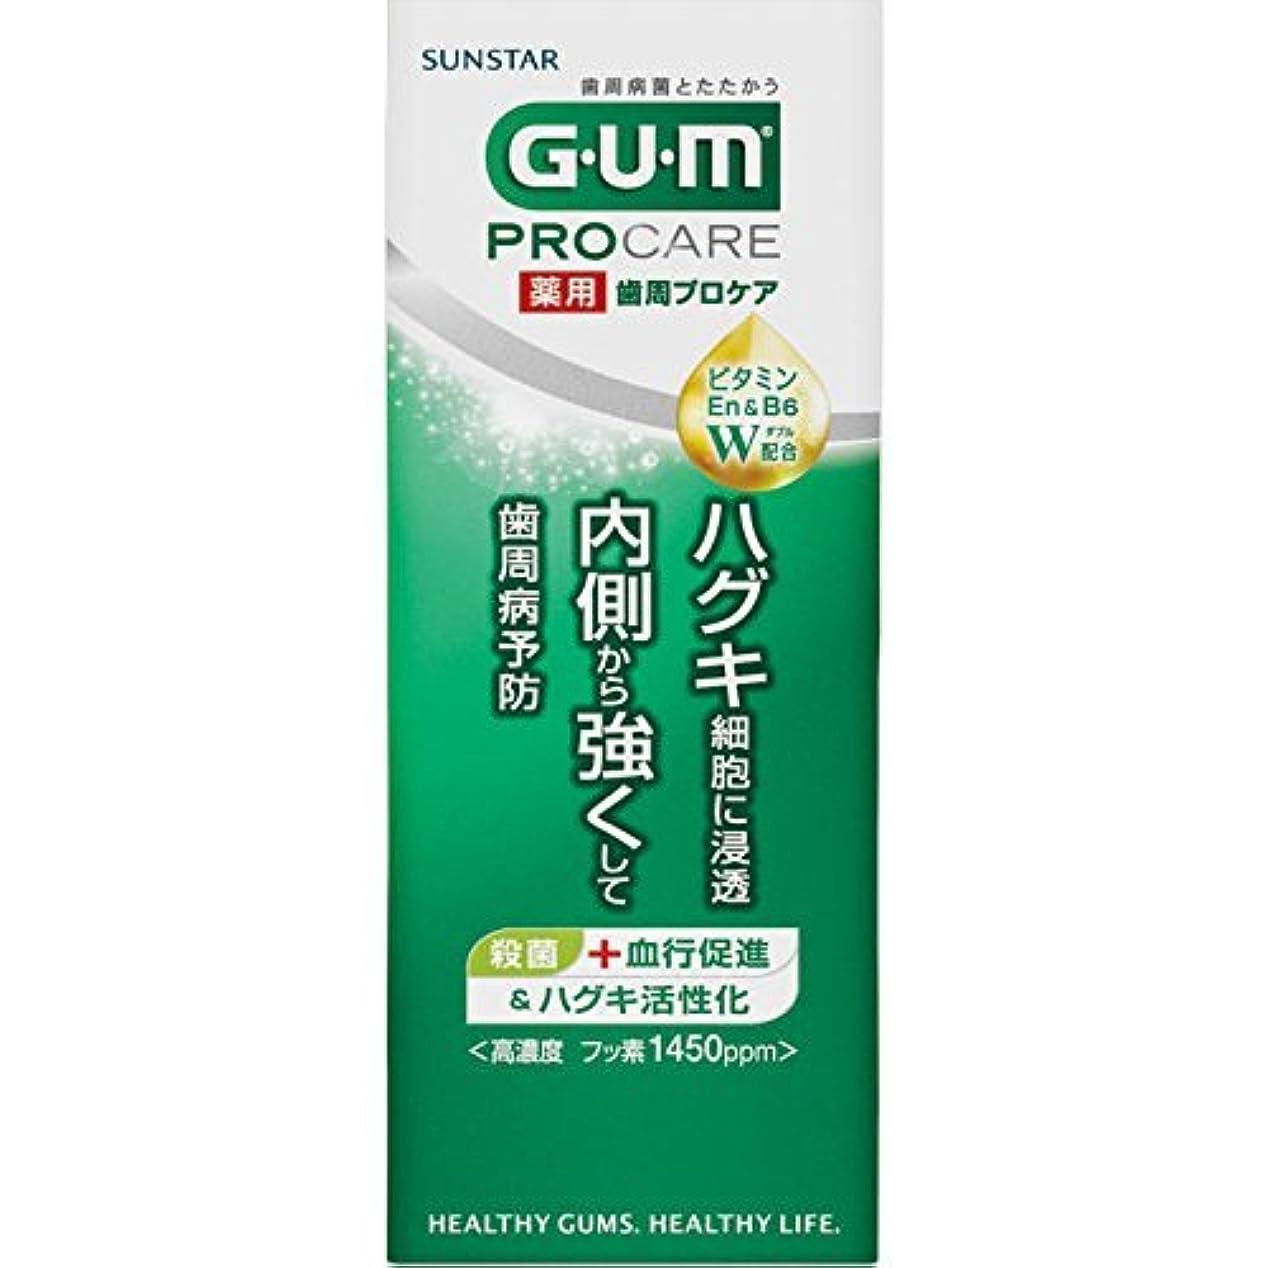 セッティングアスペクトプランテーション[医薬部外品] GUM(ガム) 歯周プロケア 歯みがき ミニサイズ トライアル 50g <歯周病予防 ハグキケア 高濃度フッ素配合 1450ppm>